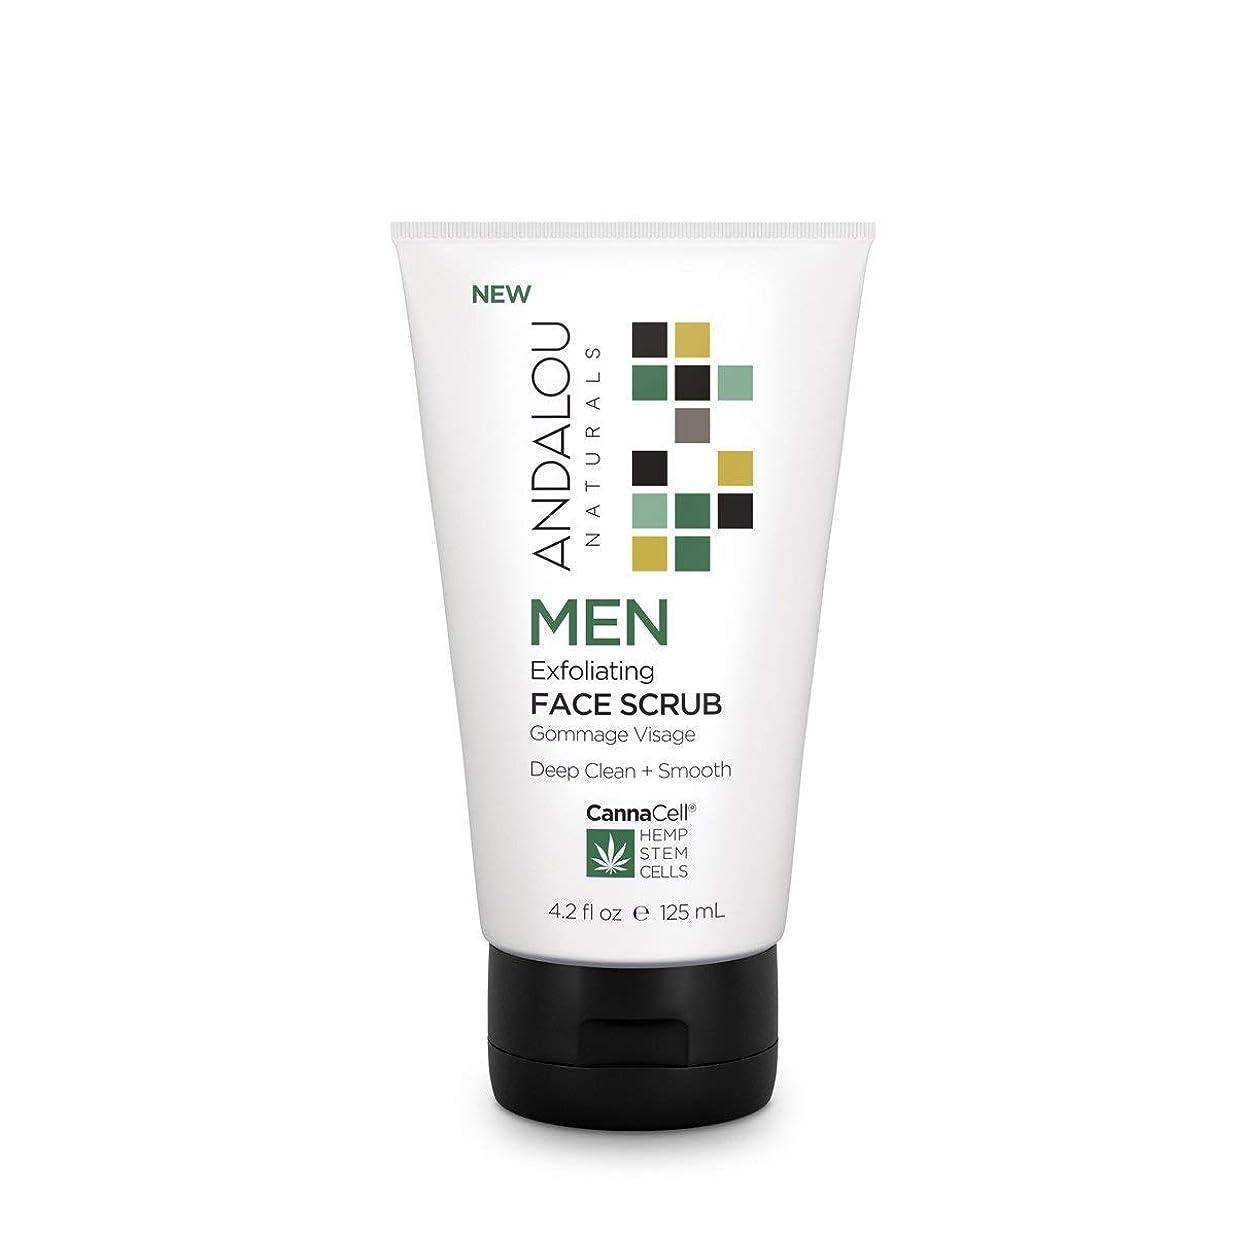 しばしば集中移植オーガニック ボタニカル 洗顔料 スクラブ洗顔 ナチュラル フルーツ幹細胞 ヘンプ幹細胞 「 MEN エクスフォリエーティングフェイススクラブ 」 ANDALOU naturals アンダルー ナチュラルズ